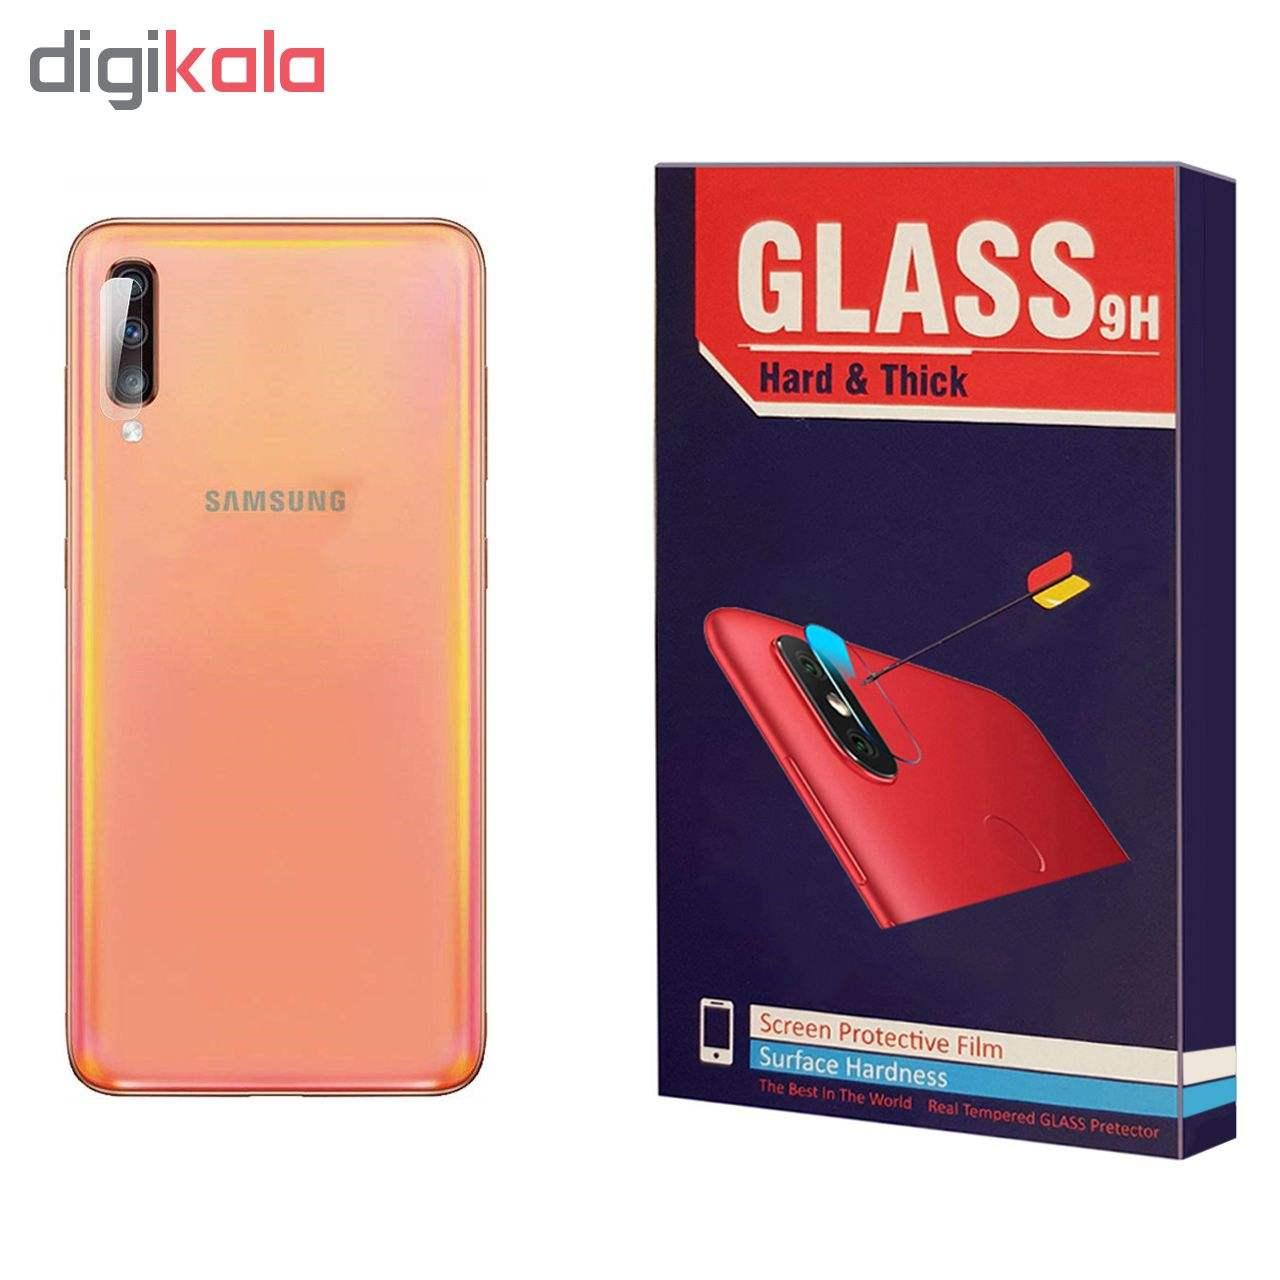 محافظ لنز دوربین Hard and thick مدل F-01 مناسب برای گوشی موبایل سامسونگ Galaxy A70 main 1 1